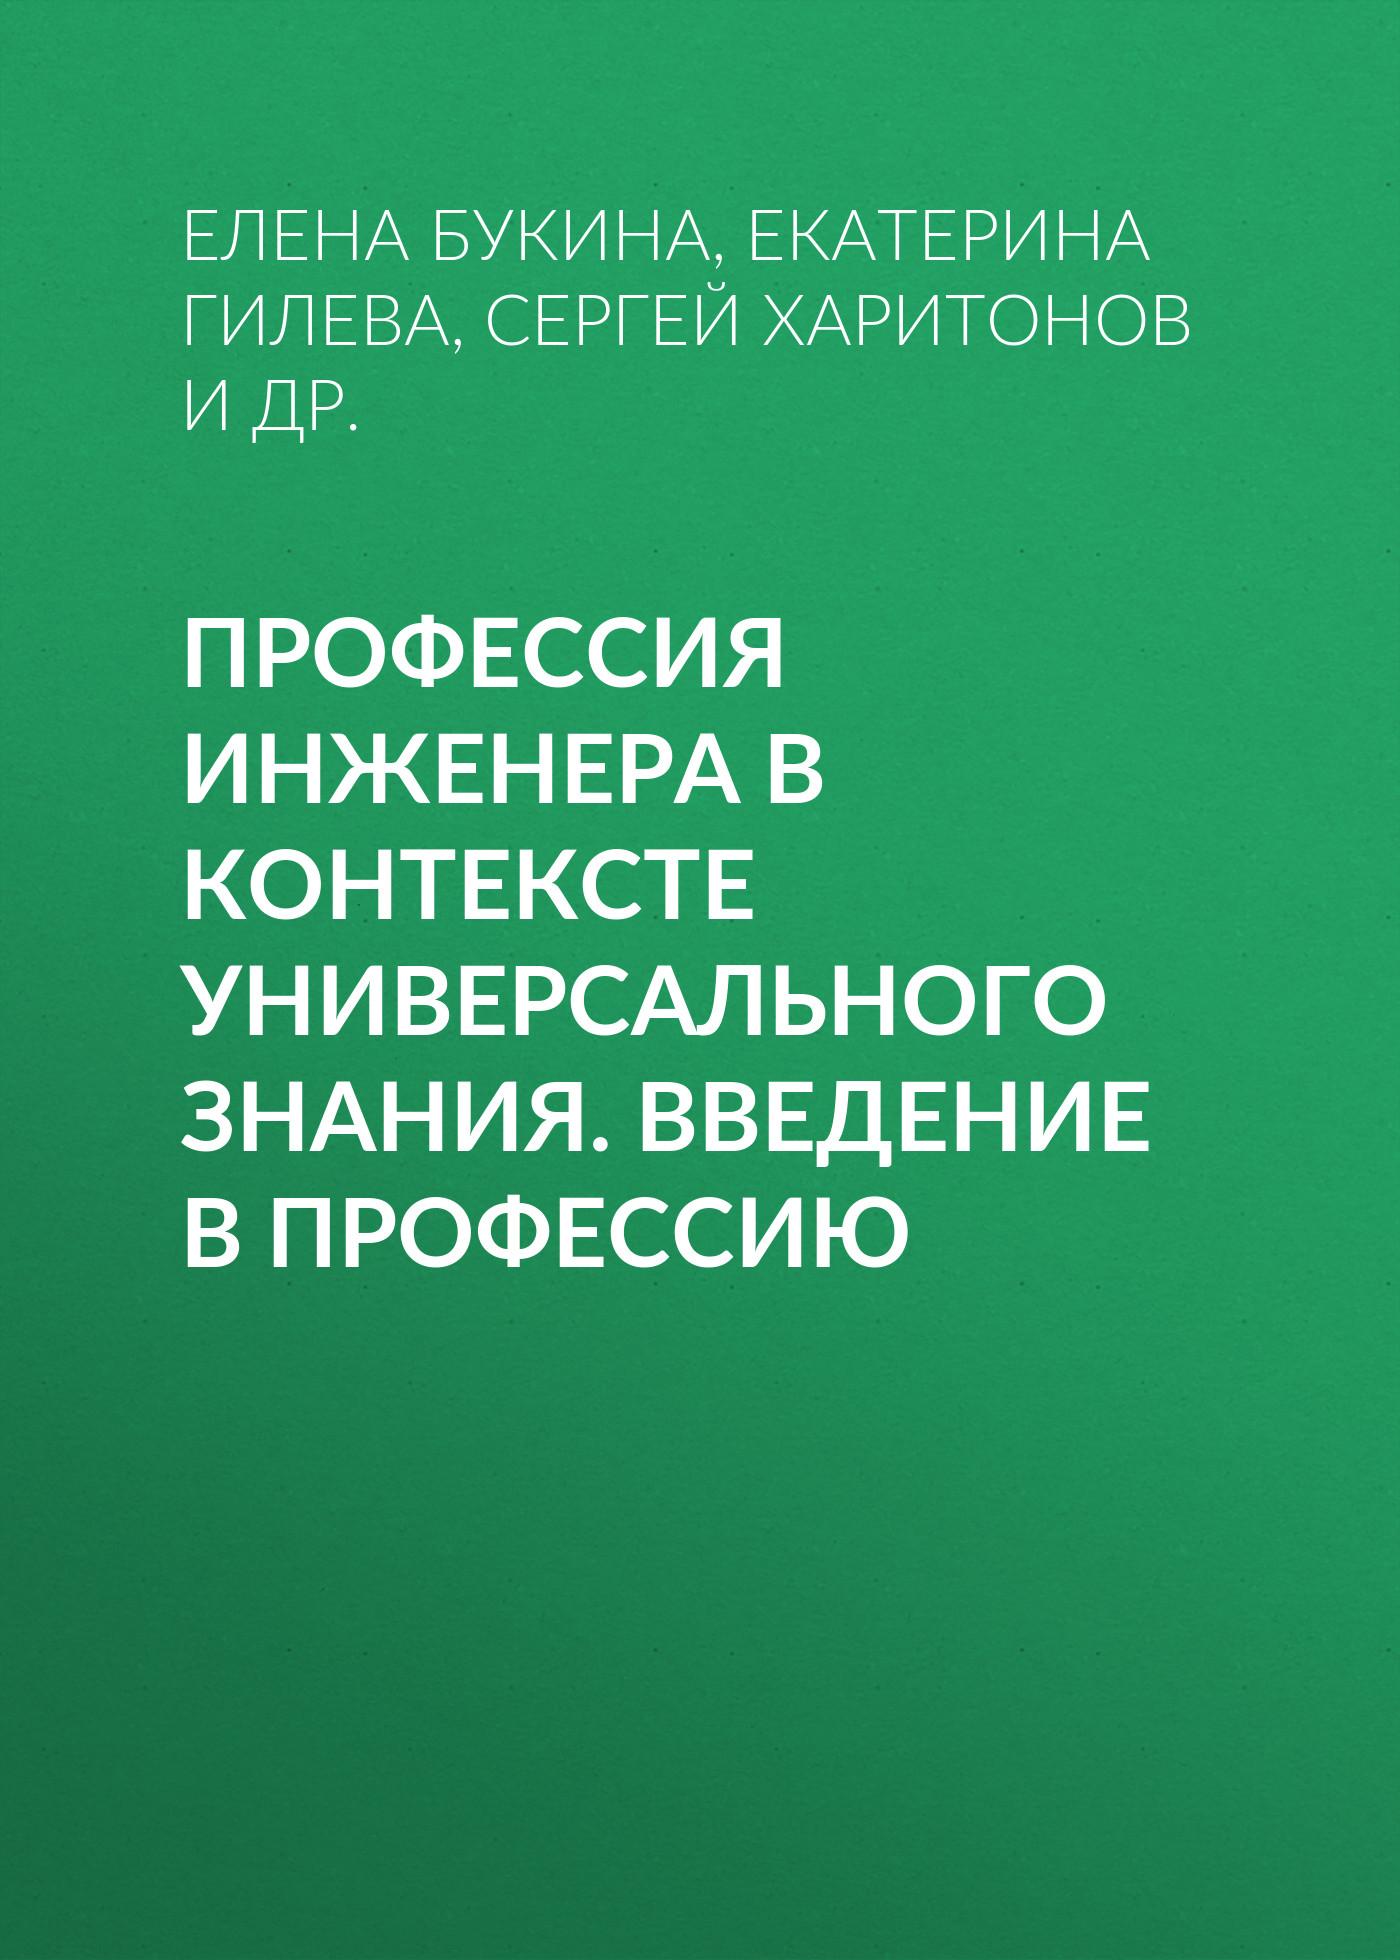 лучшая цена Сергей Харитонов Профессия инженера в контексте универсального знания. Введение в профессию